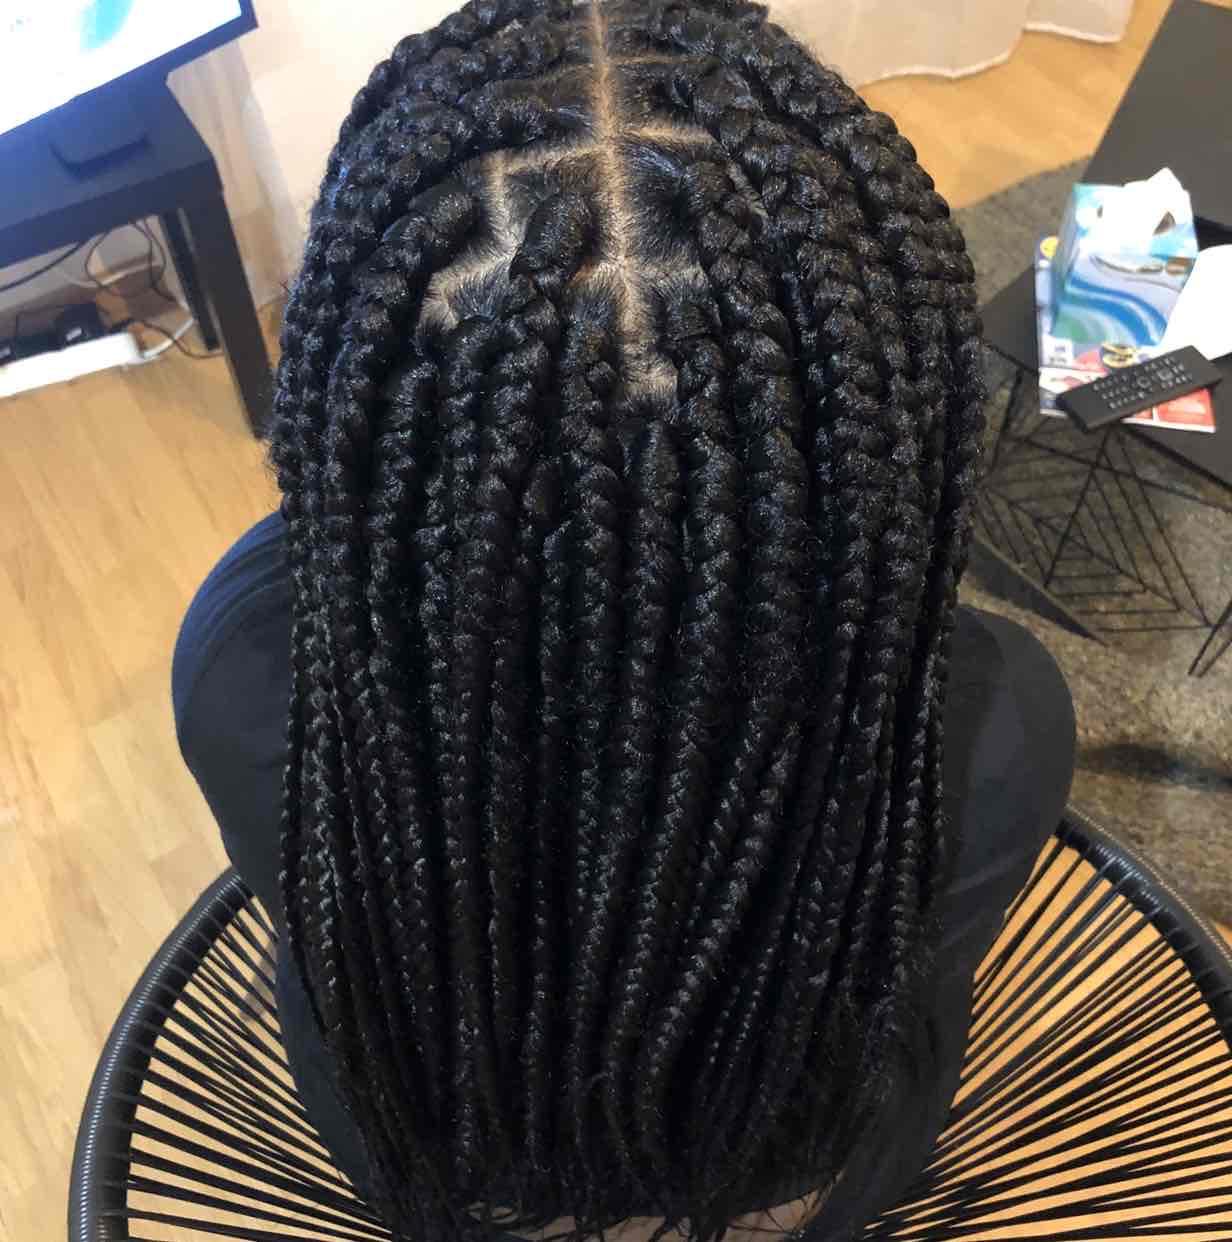 salon de coiffure afro tresse tresses box braids crochet braids vanilles tissages paris 75 77 78 91 92 93 94 95 GWWOODEC